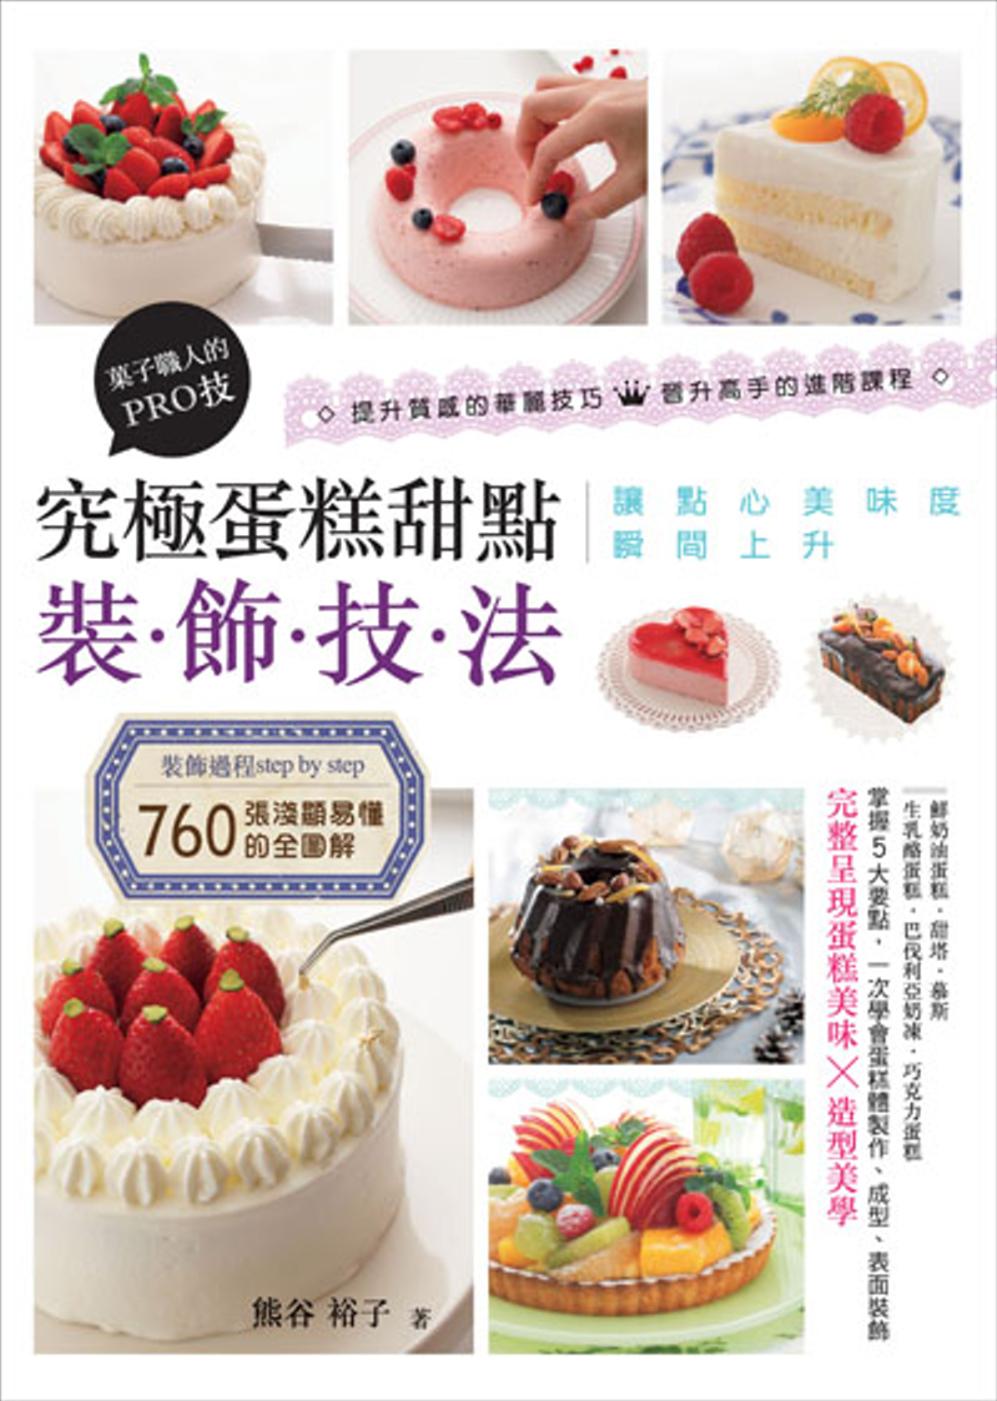 究極蛋糕甜點裝飾技法:菓子職人的PRO技